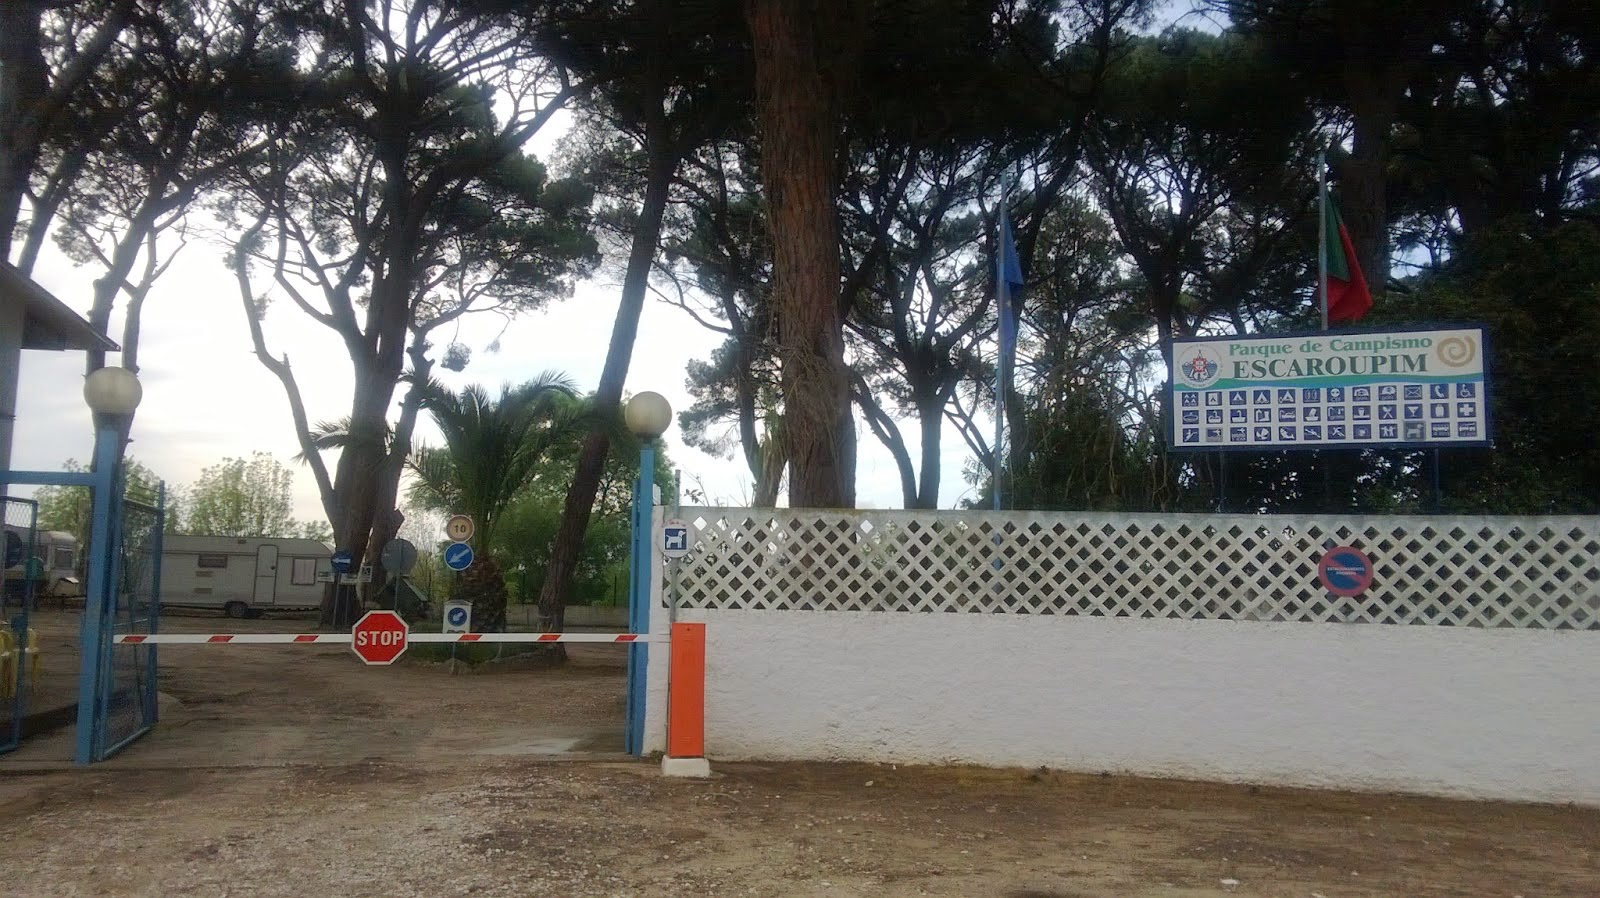 Entrada Parque Campismo de Escaroupim